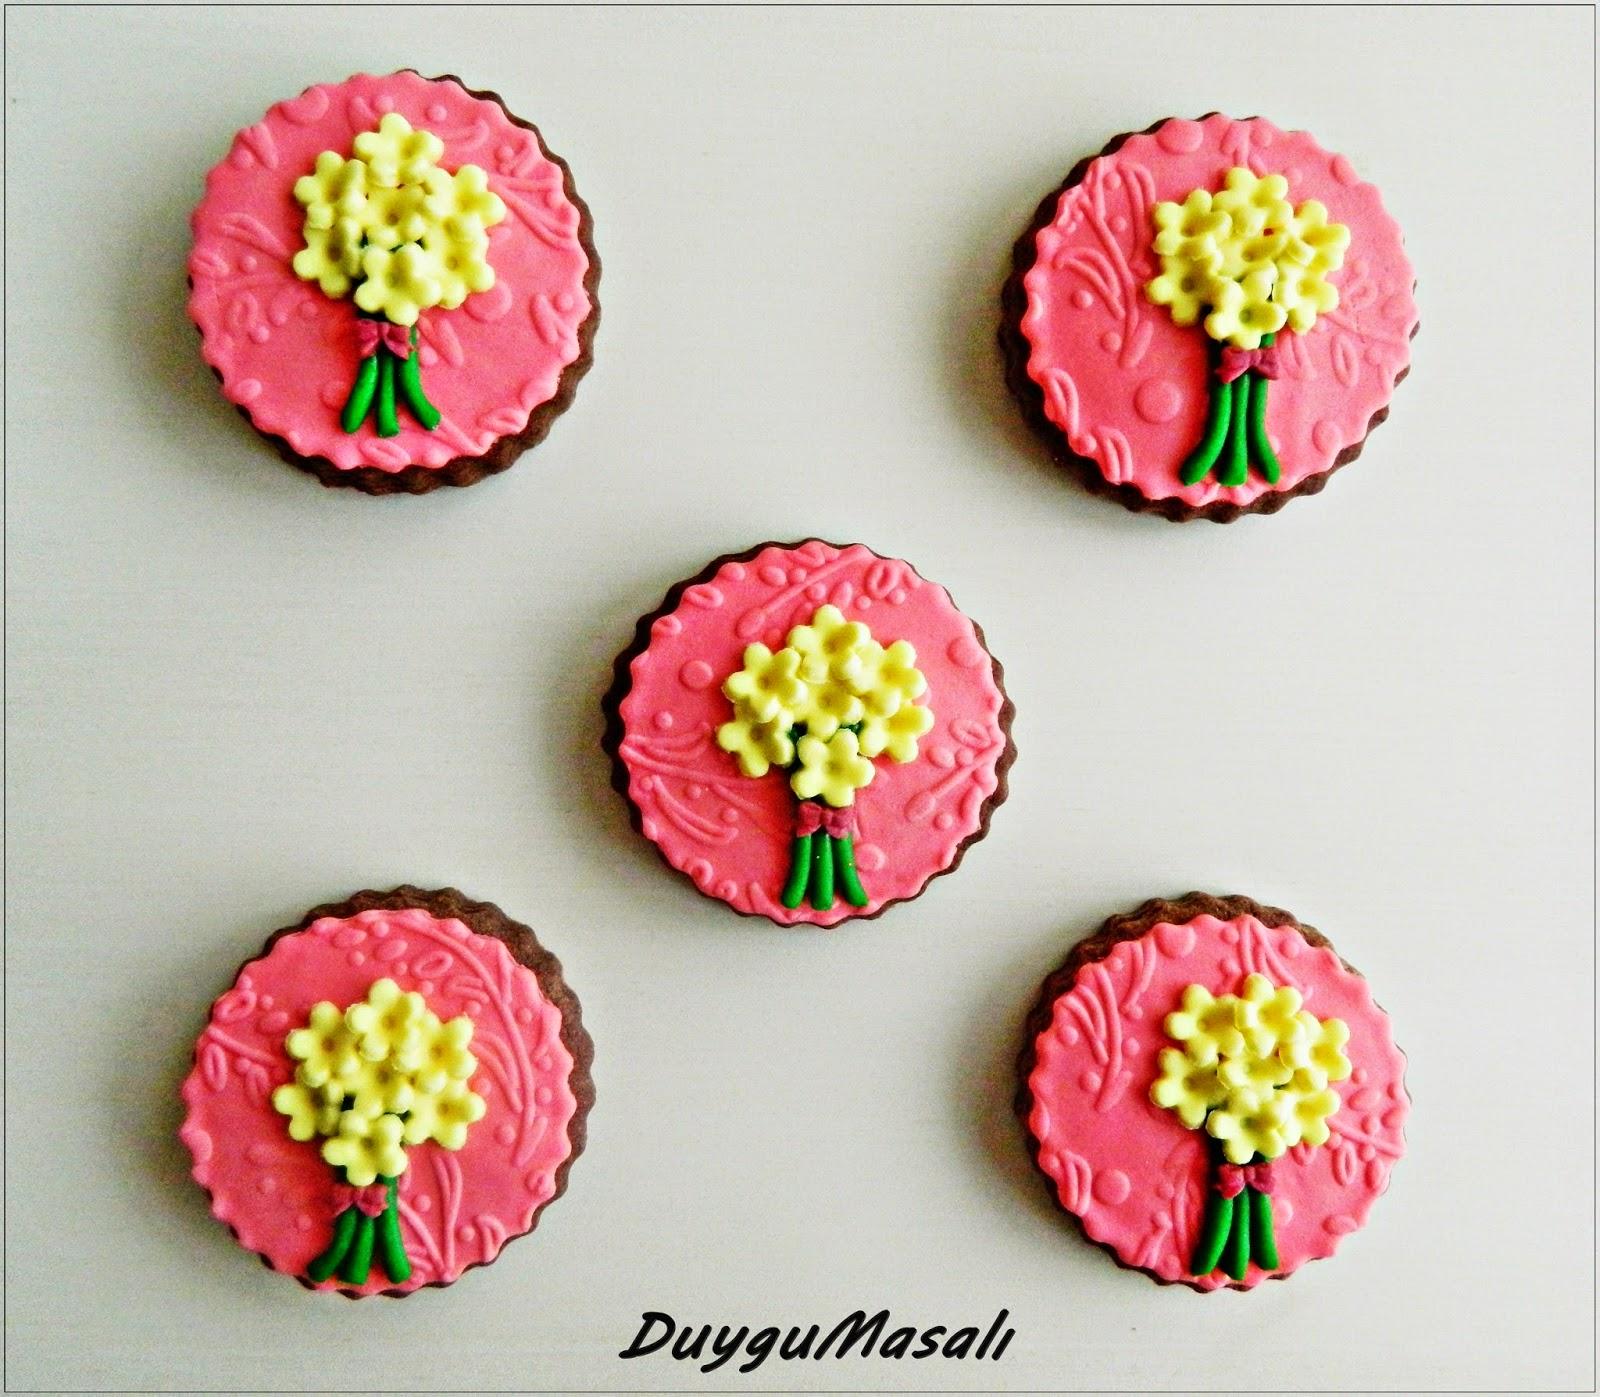 edirne çiçek kurabiye